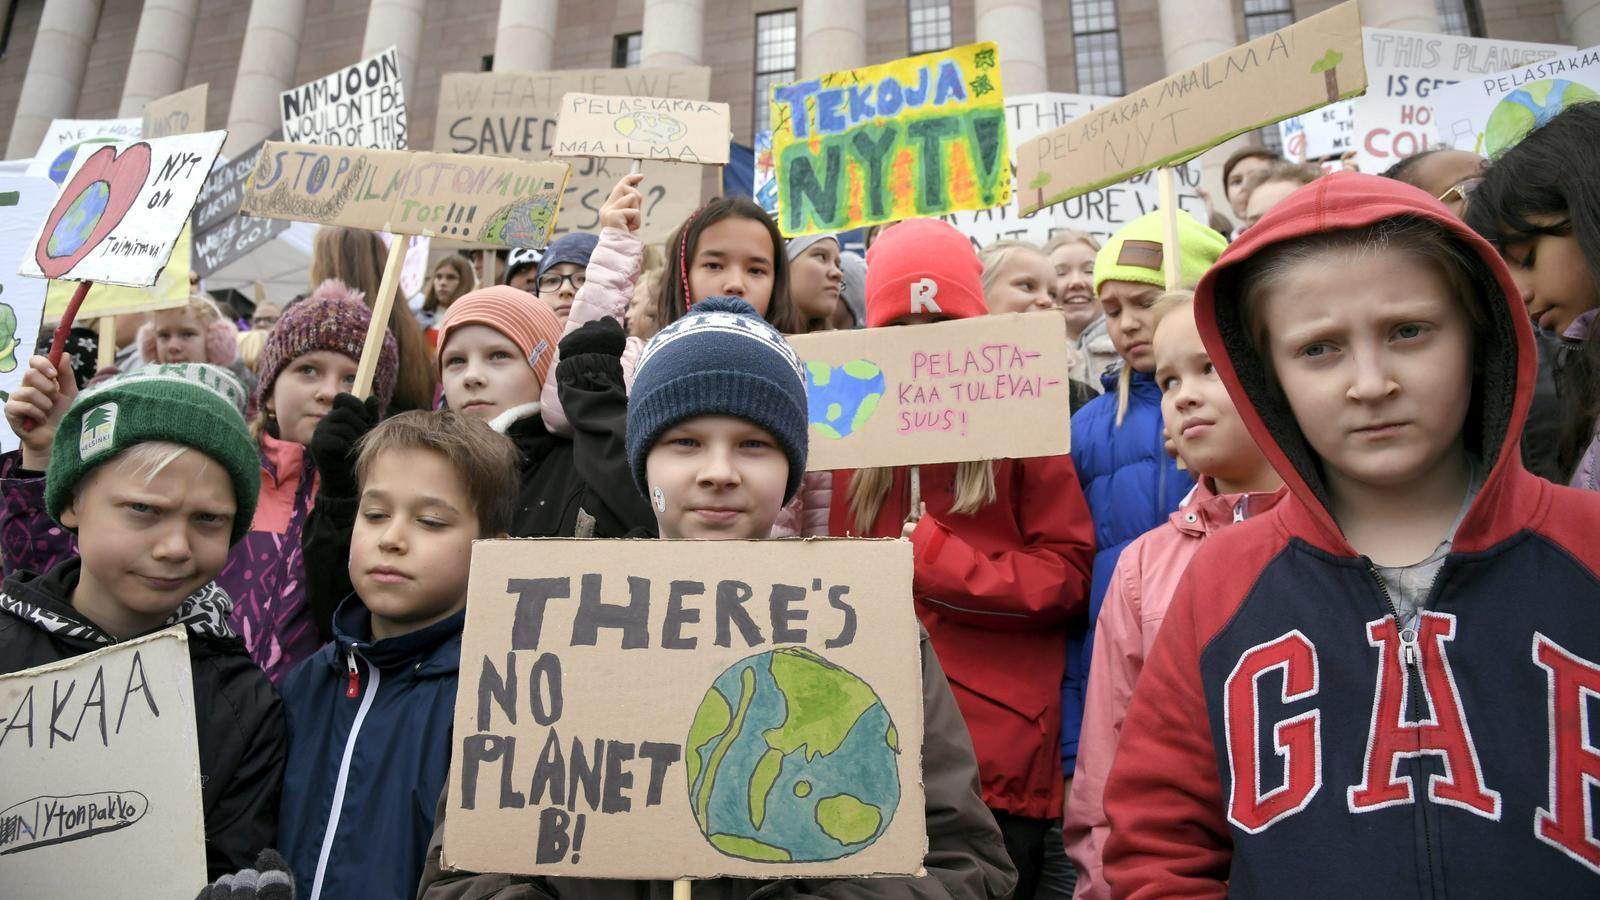 Un grup de nens protesta davant del Parlament de Hèlsinki, a Finlàndia